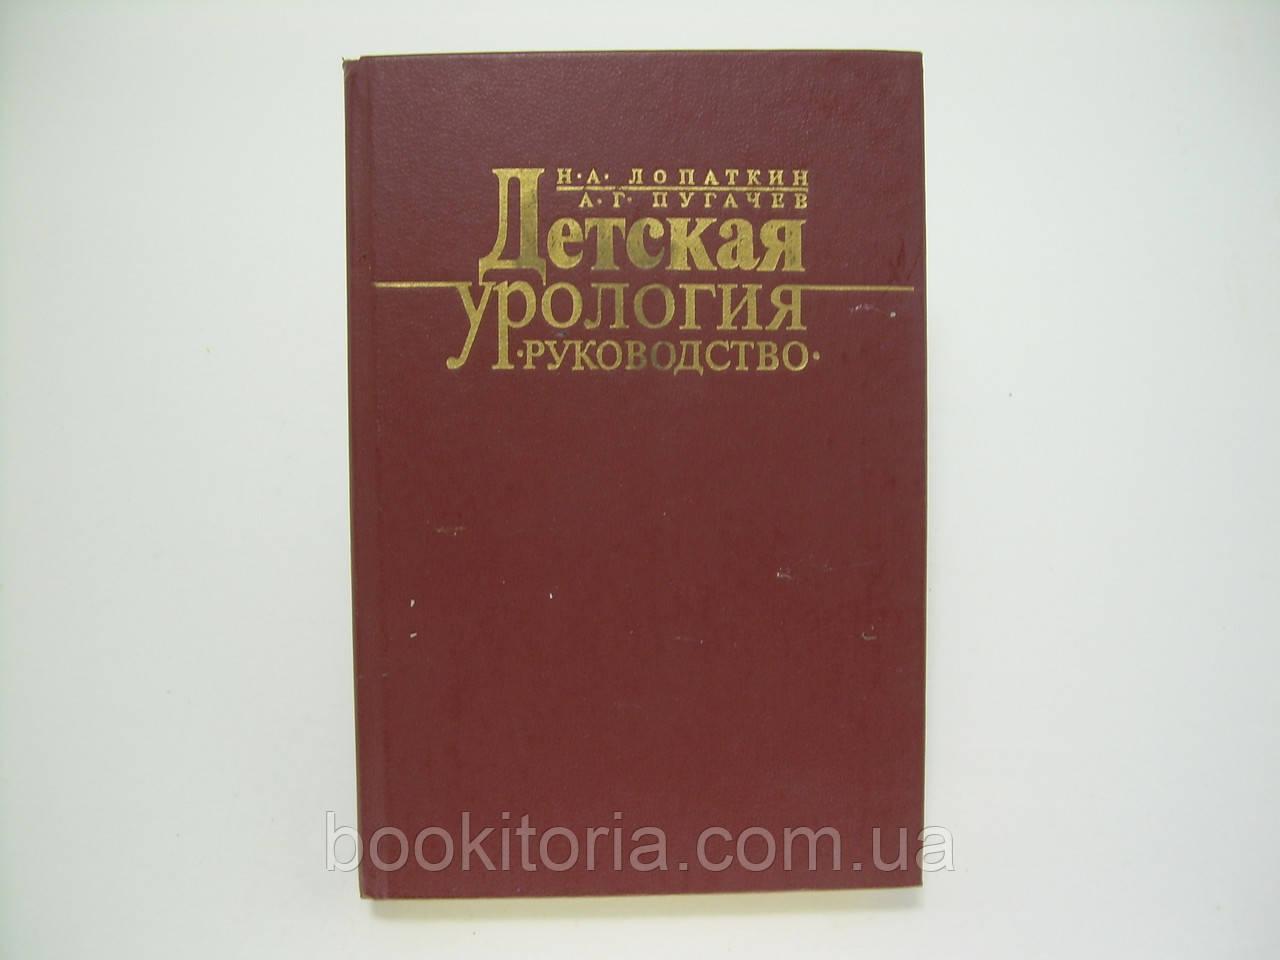 Лопаткин Н.А., Пугачев А.Г. Детская урология (б/у).